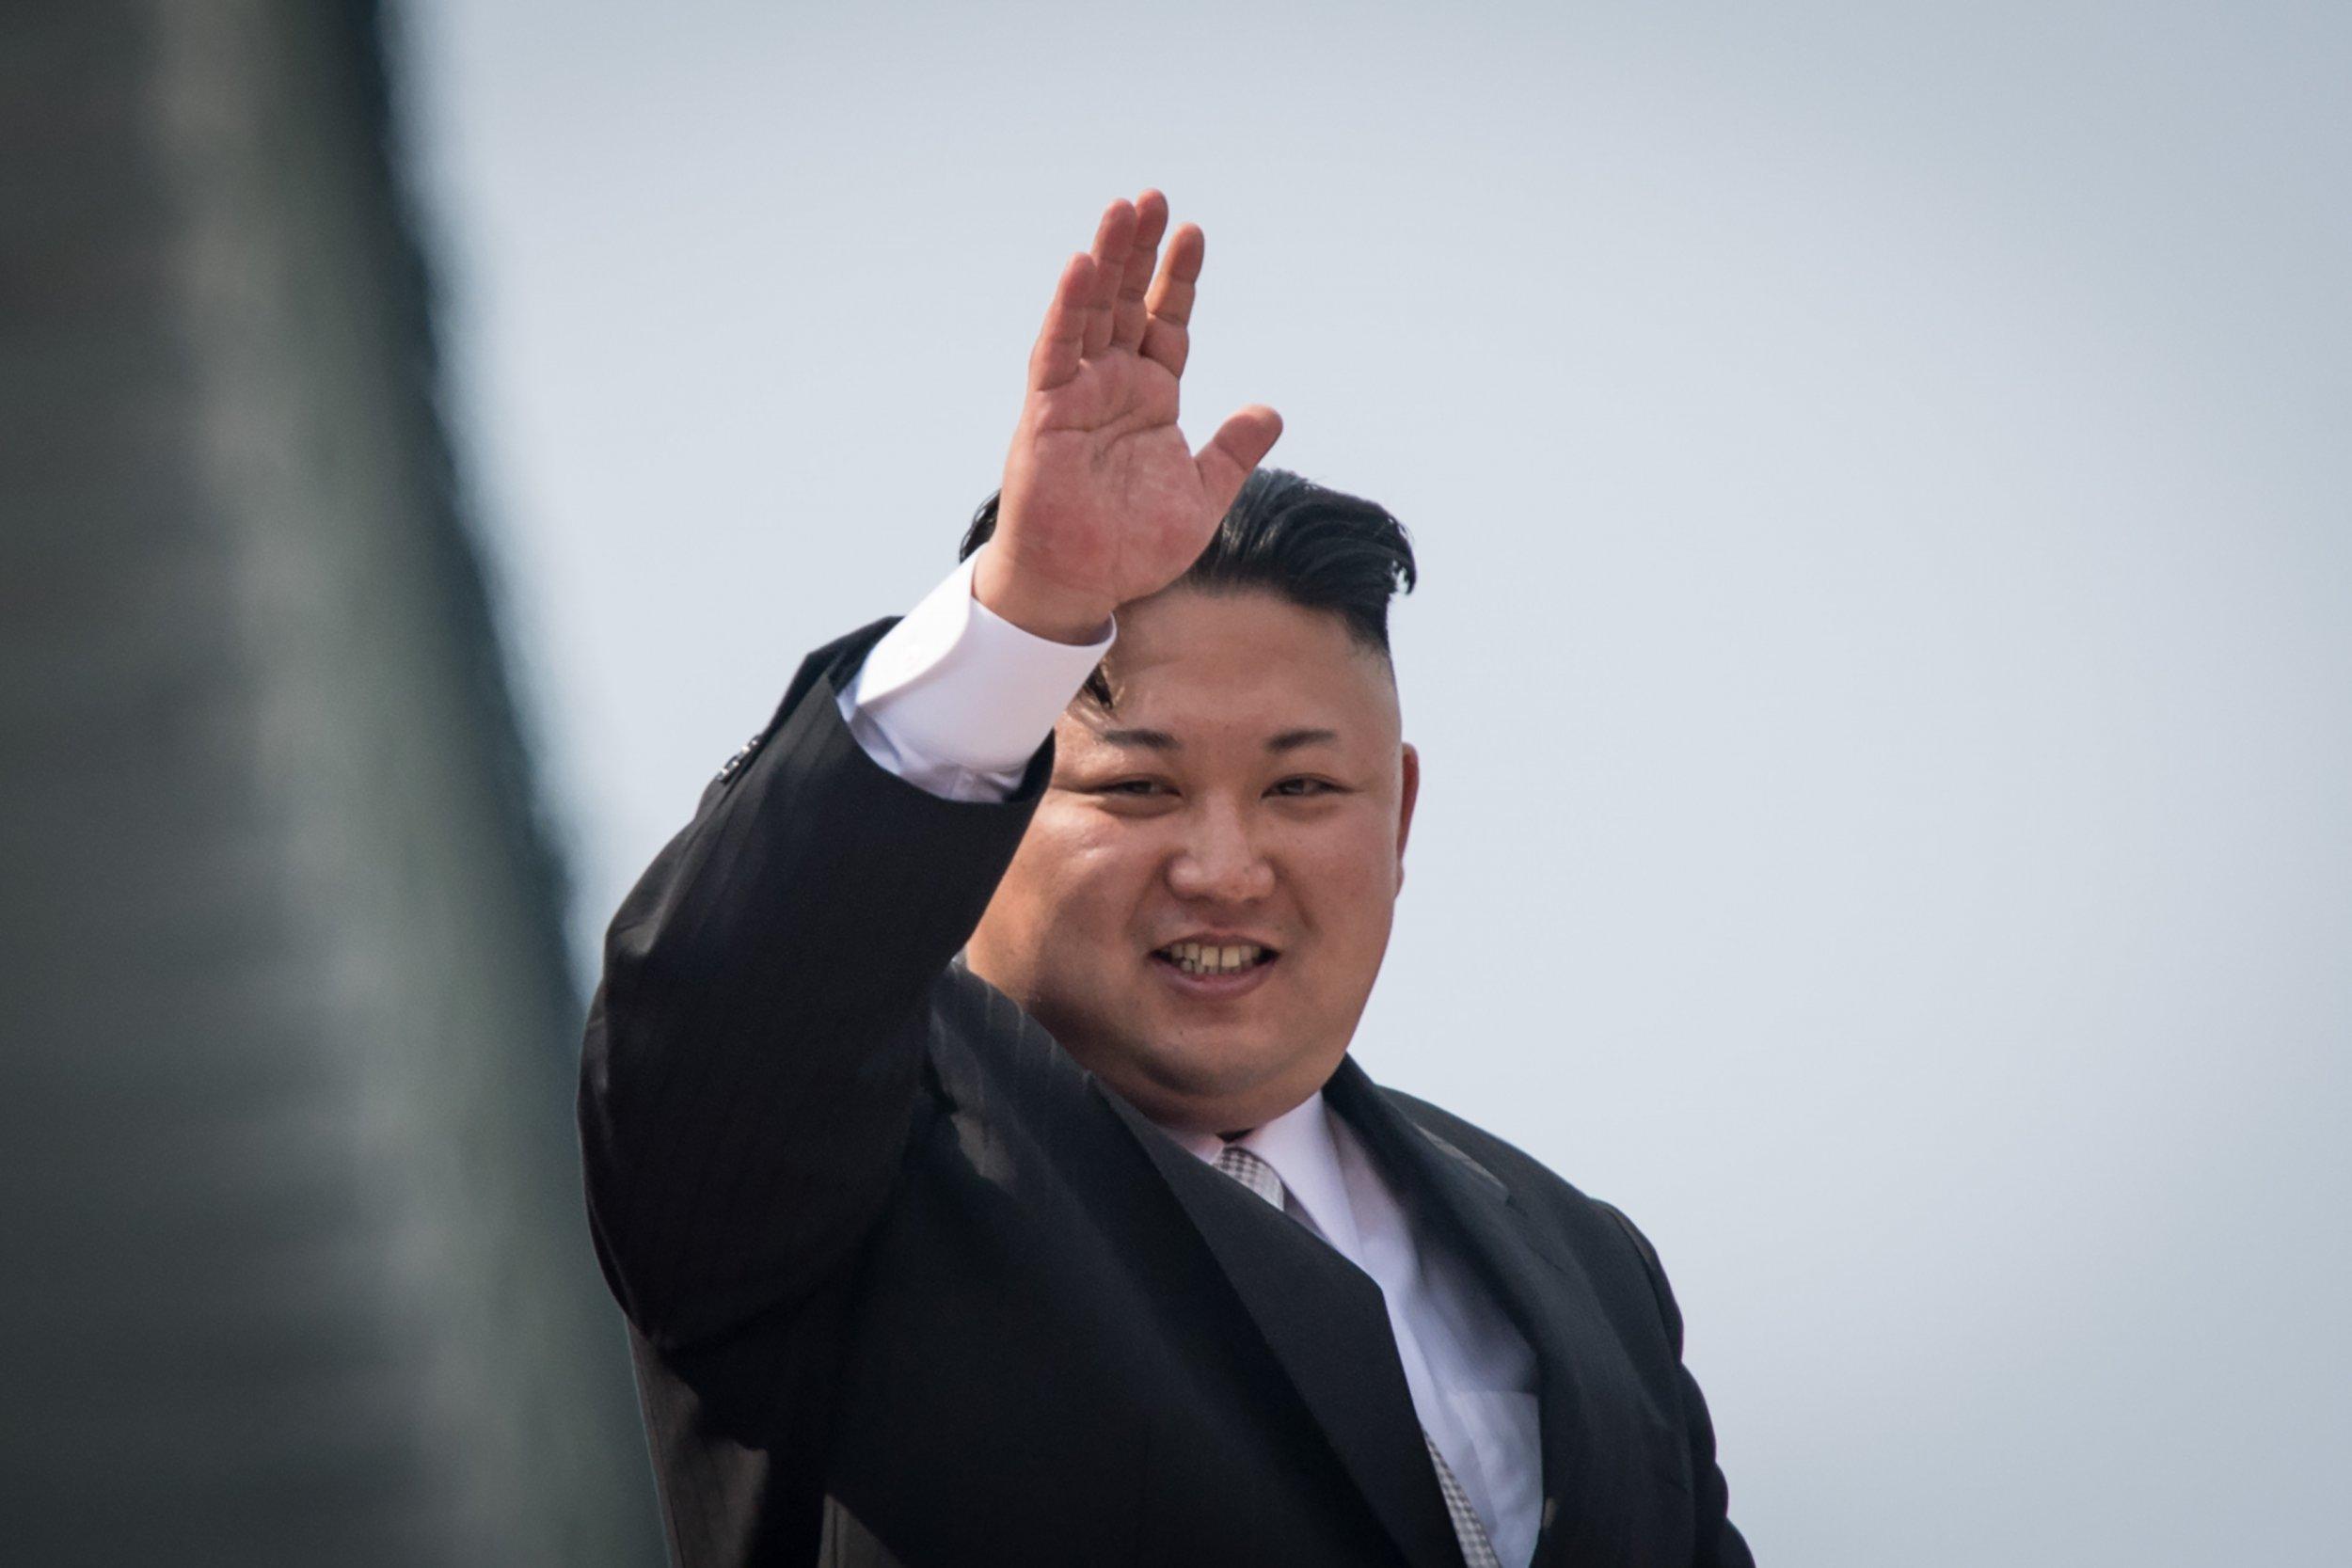 Kim Jong Un waves